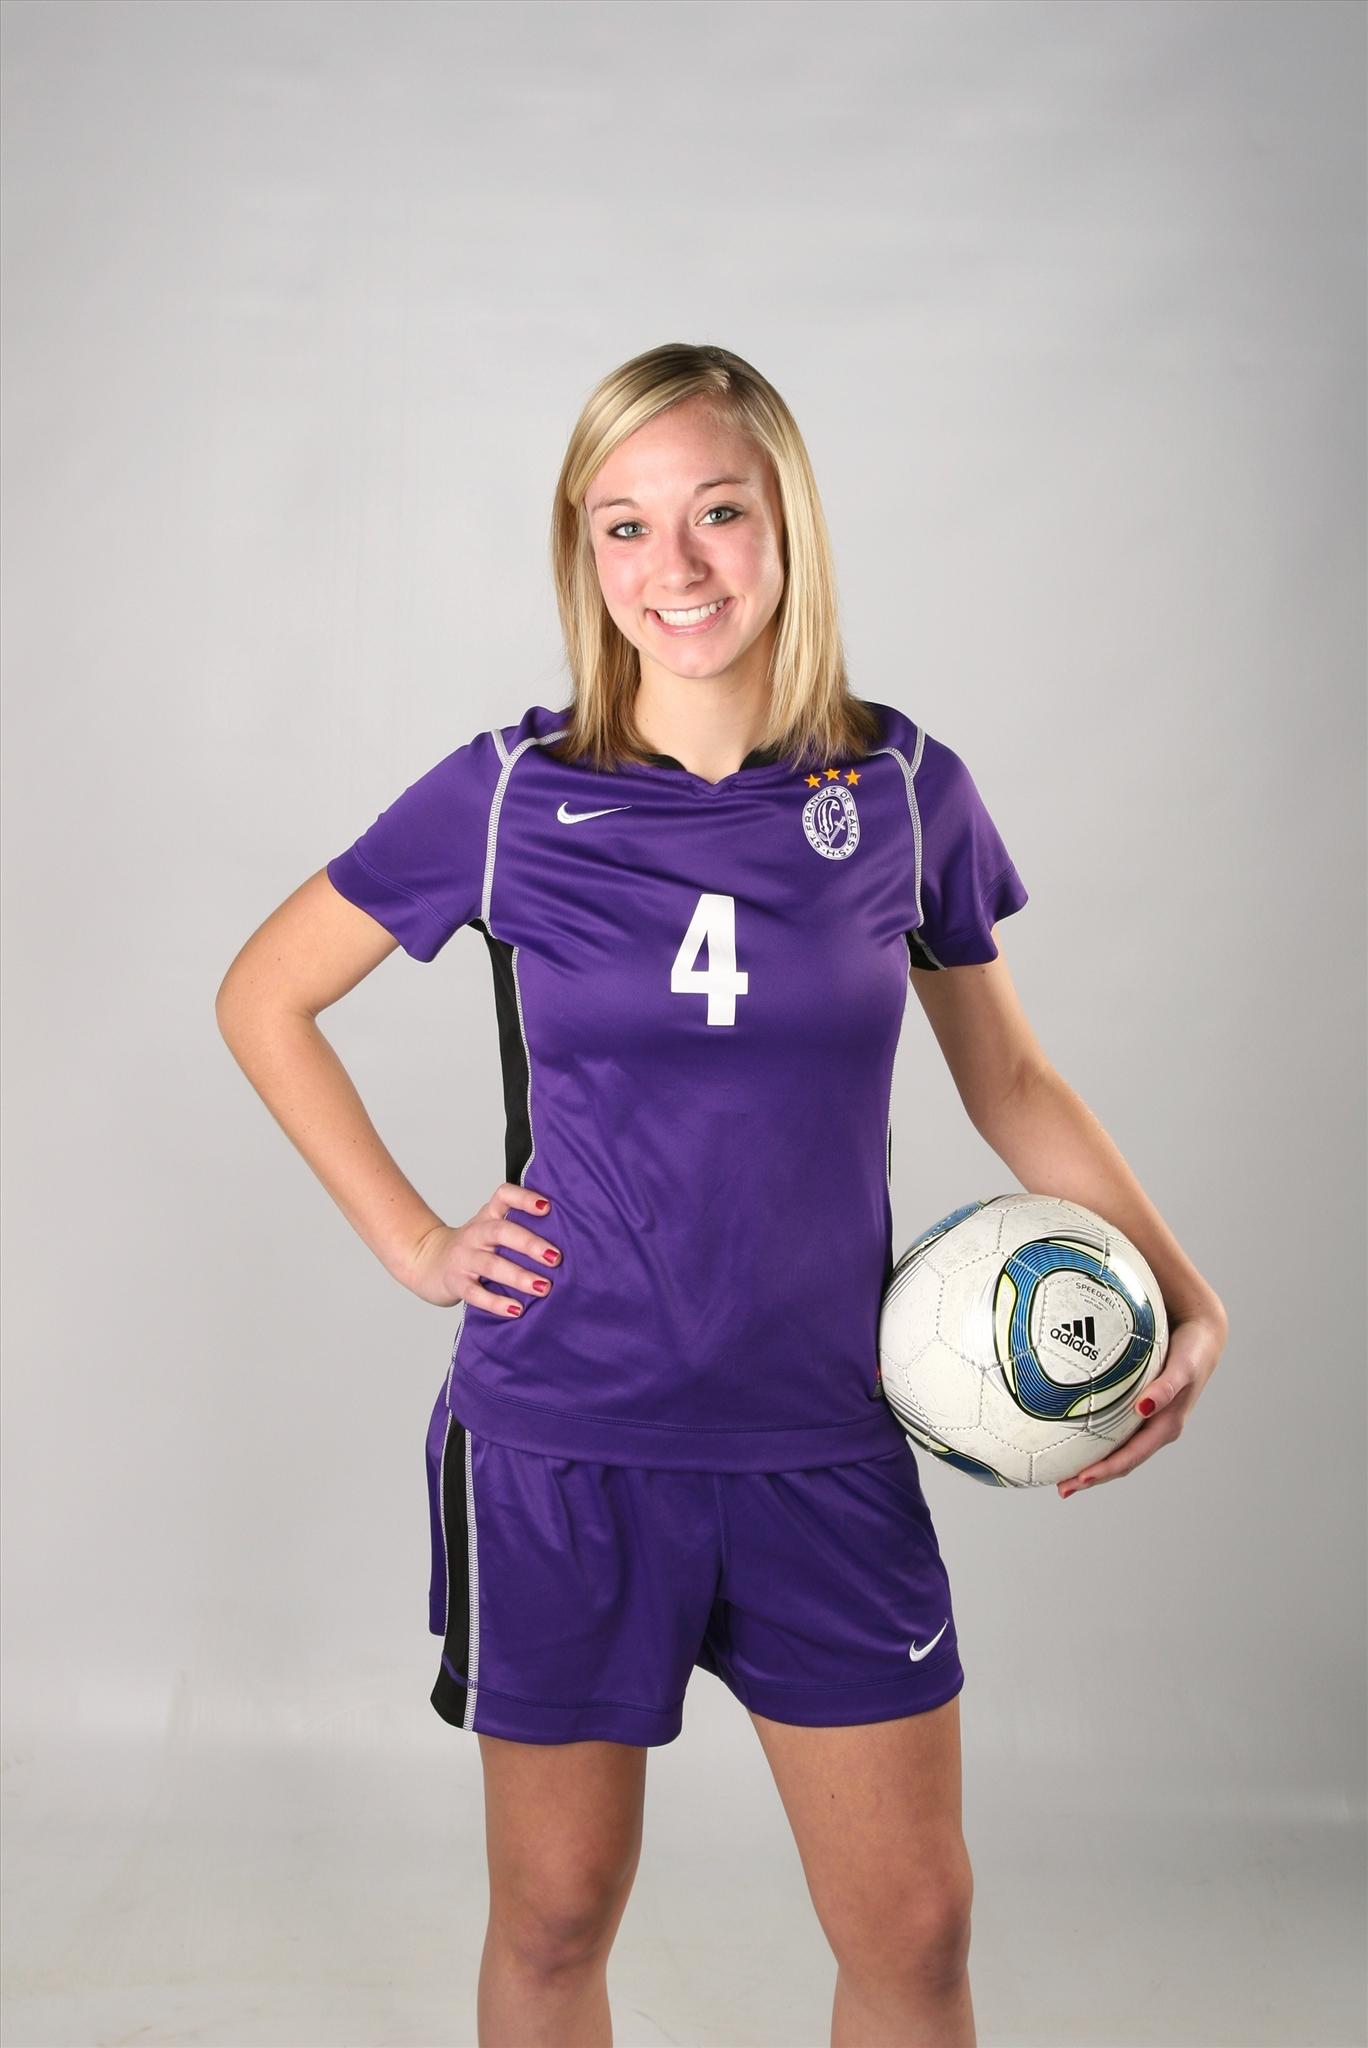 Courtney Klosterman 2012 2011